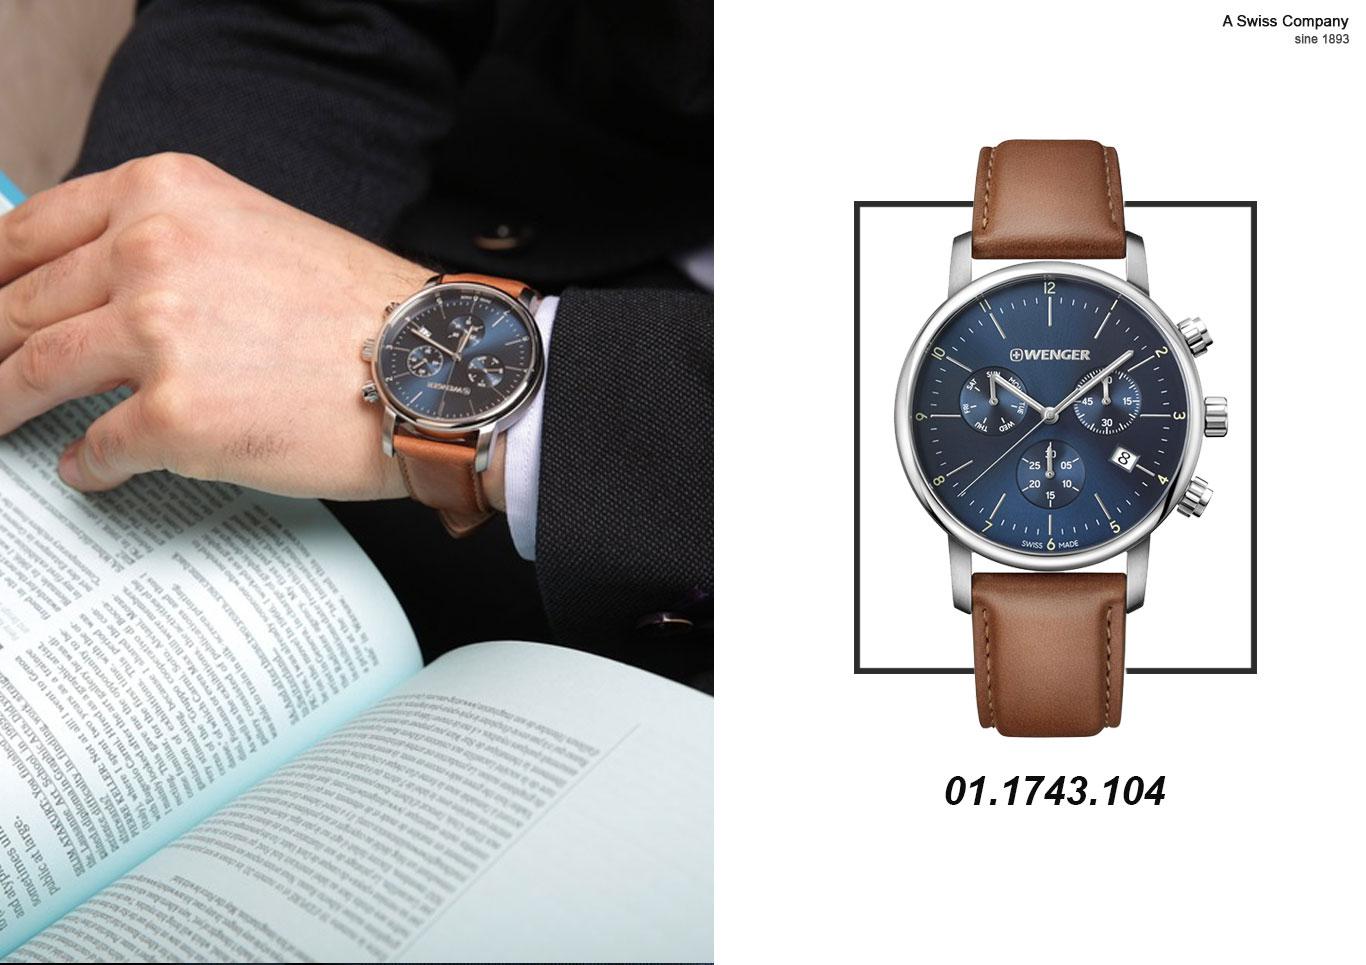 Mua đồng hồ nam 6 kim dây da giá rẻ nhưng vẫn chính hãng Thụy Sỹ